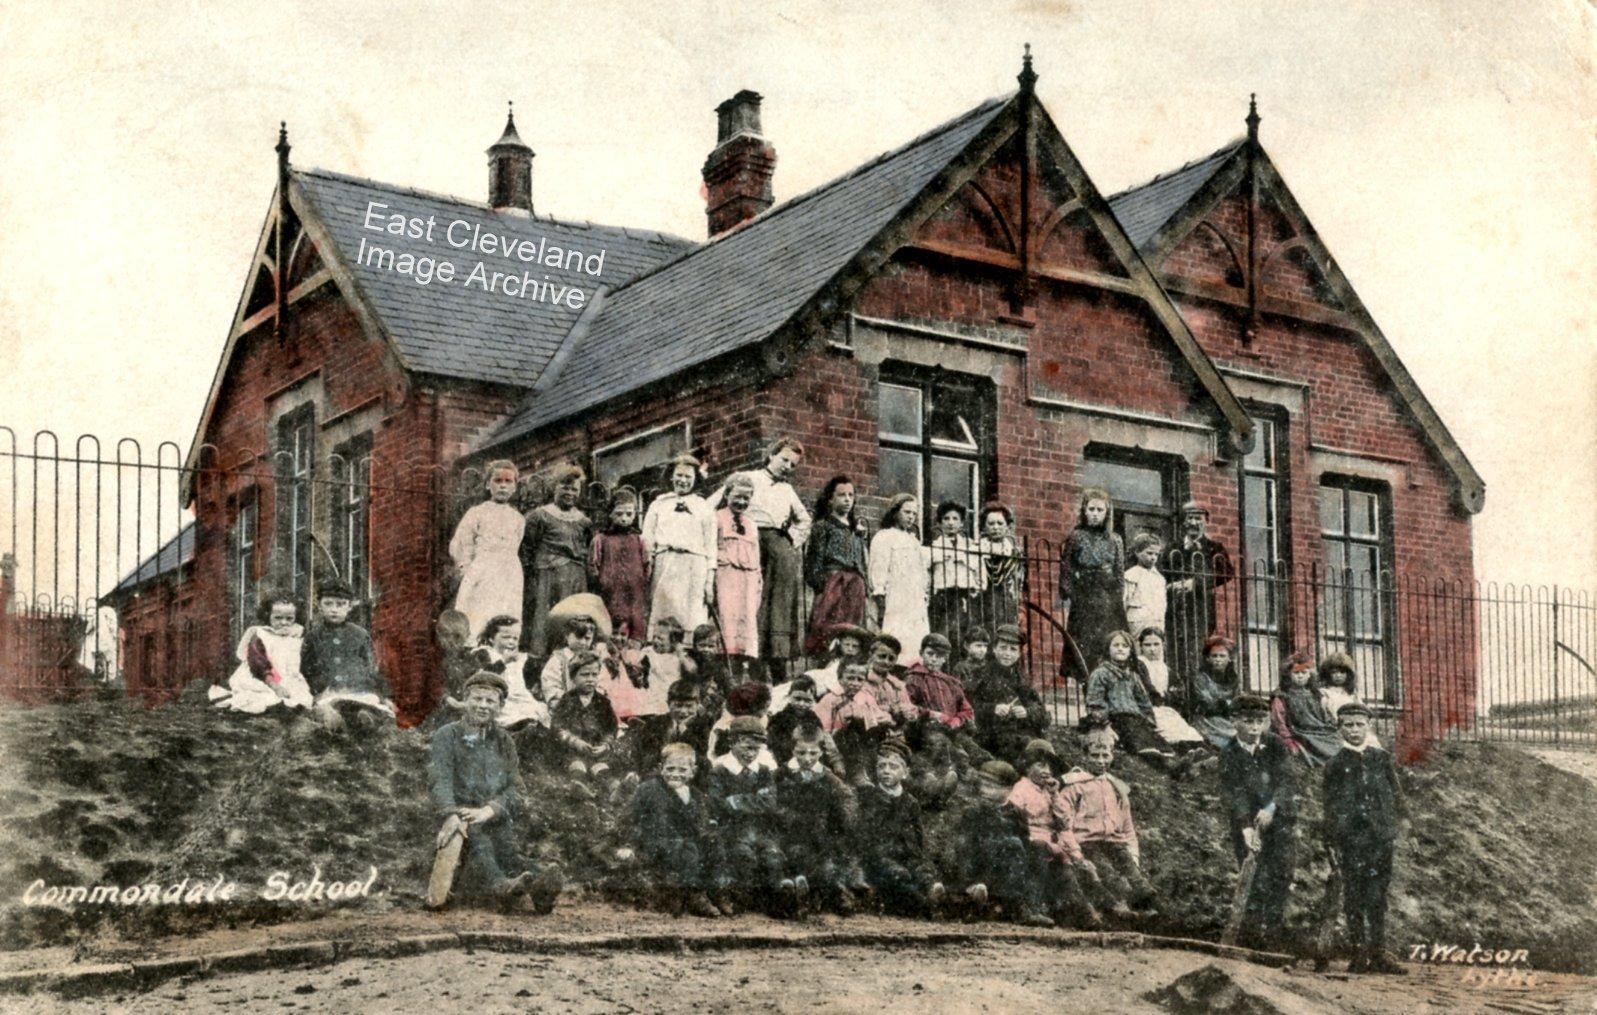 Commondale School